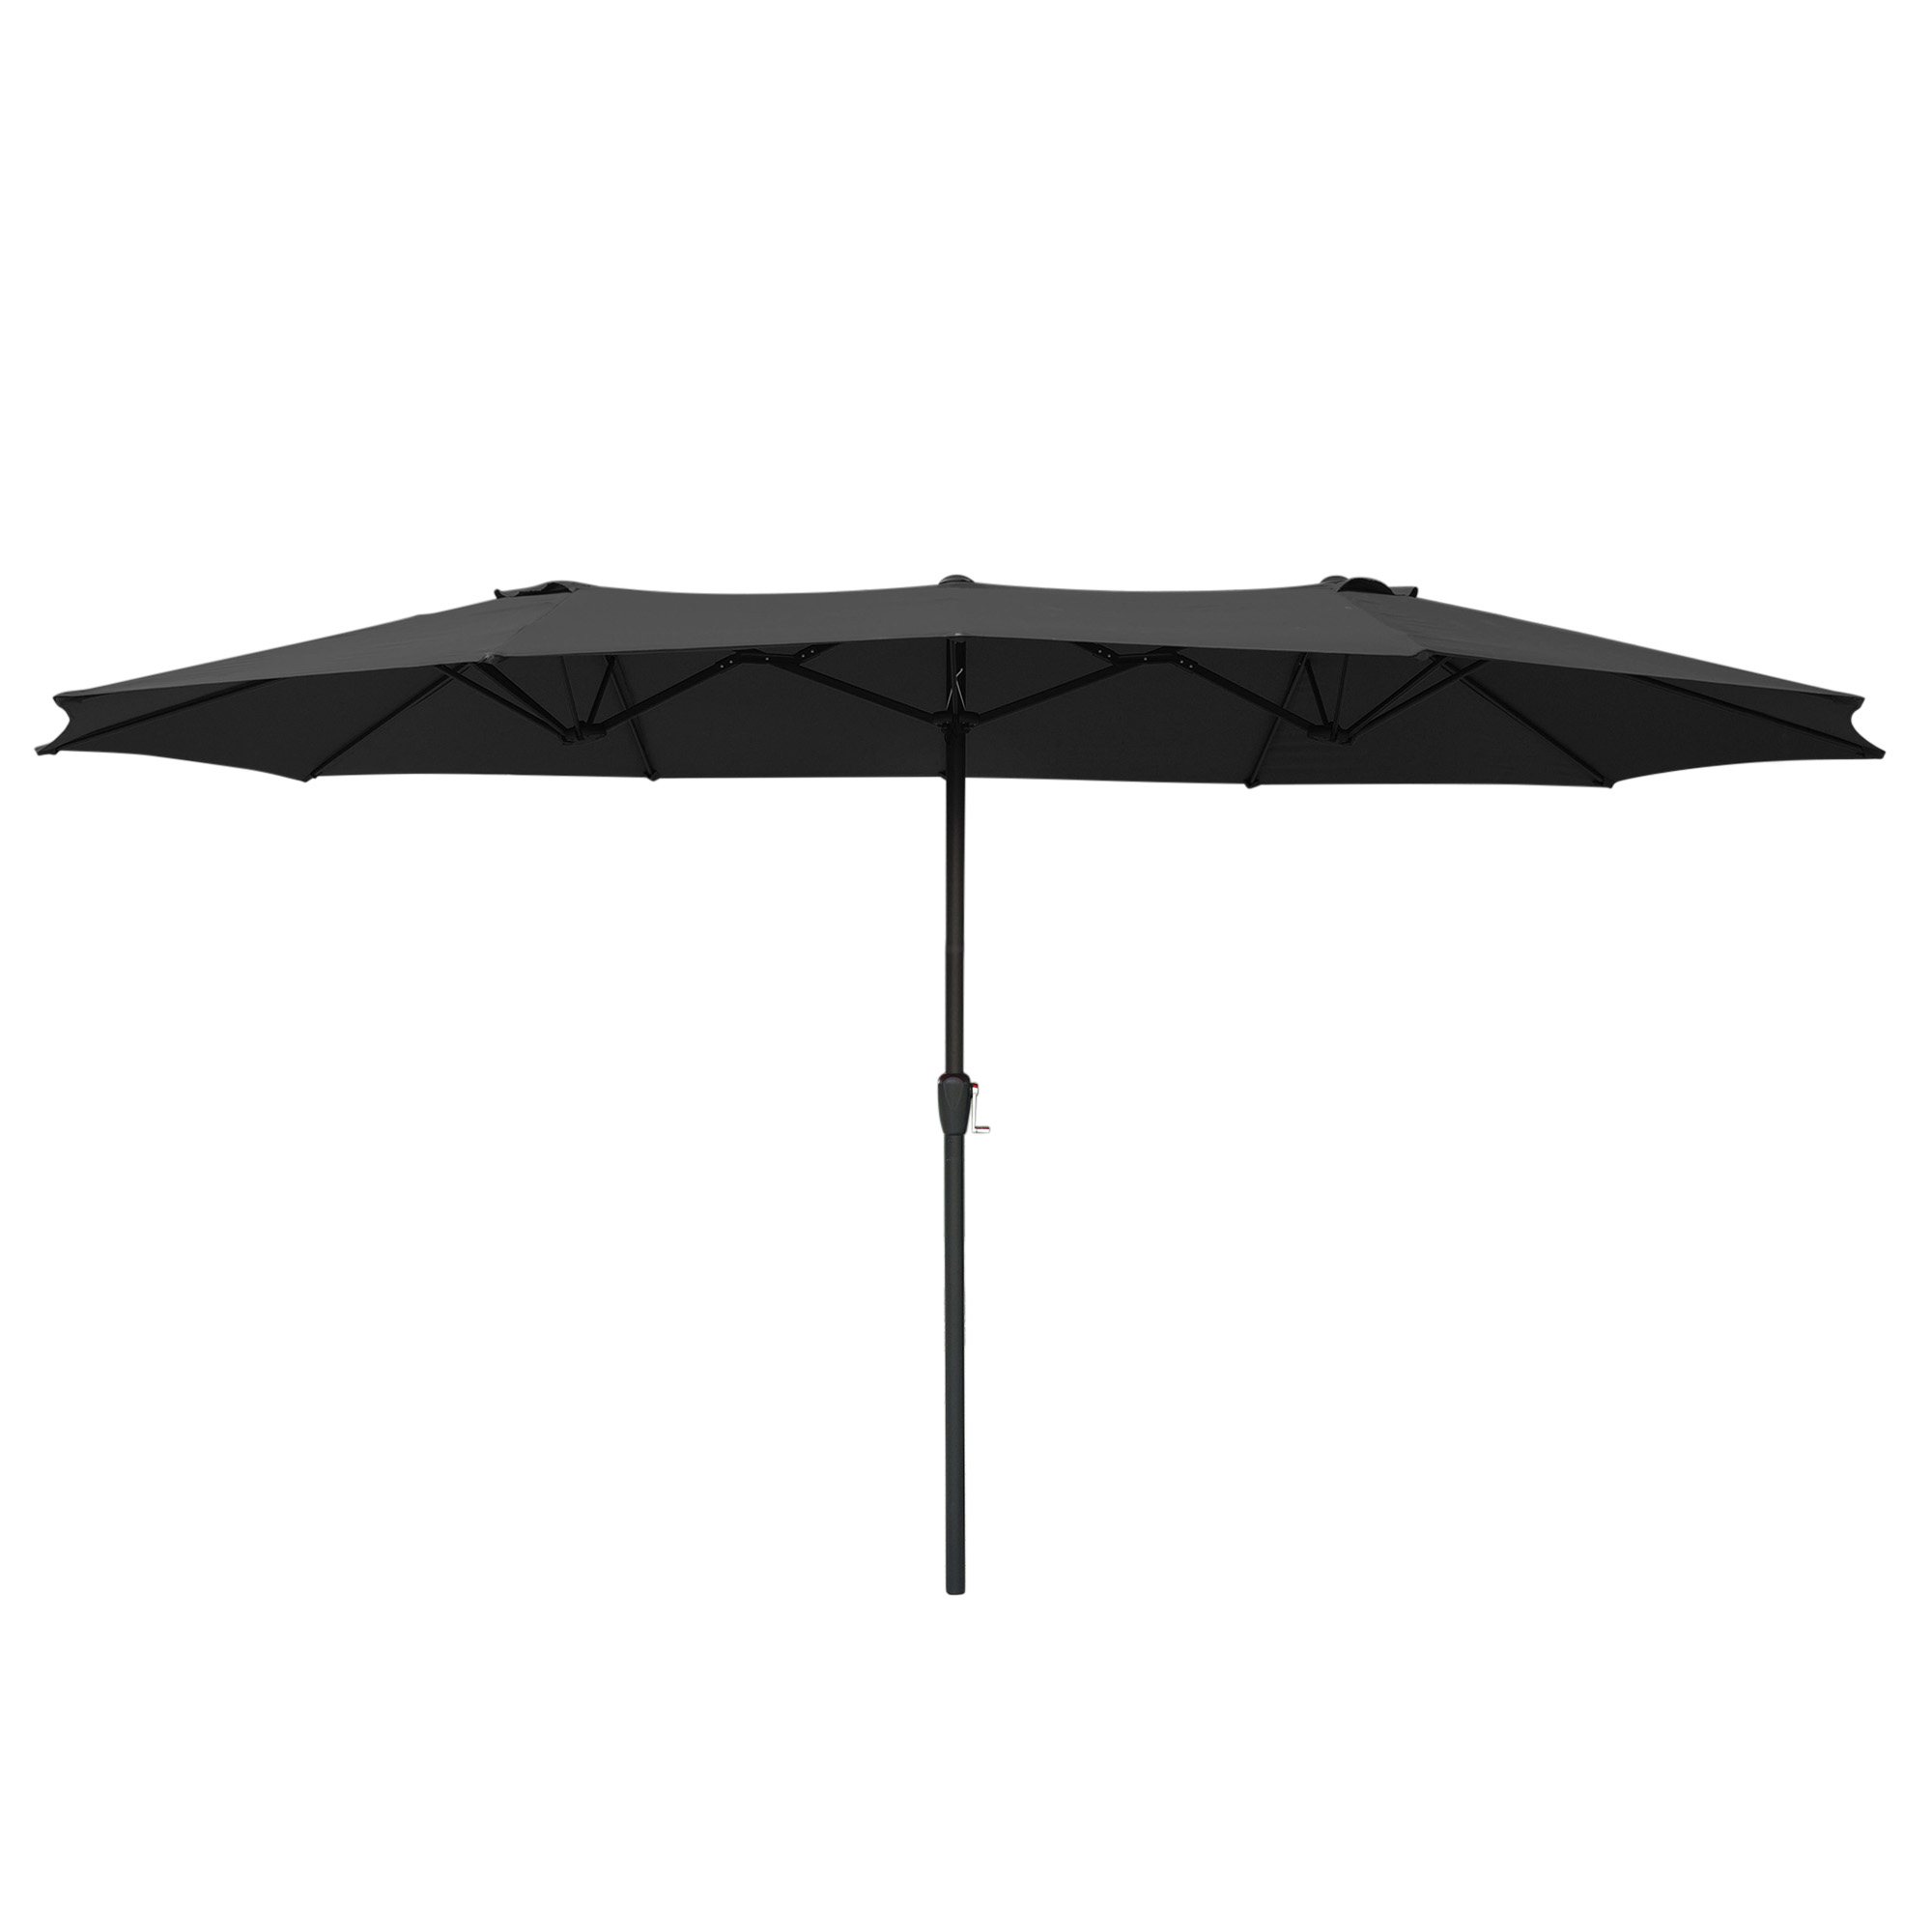 thumbnail 22 - 15ft Patio Twin Umbrella Double-sided Market Crank Outdoor Garden Parasol Shade